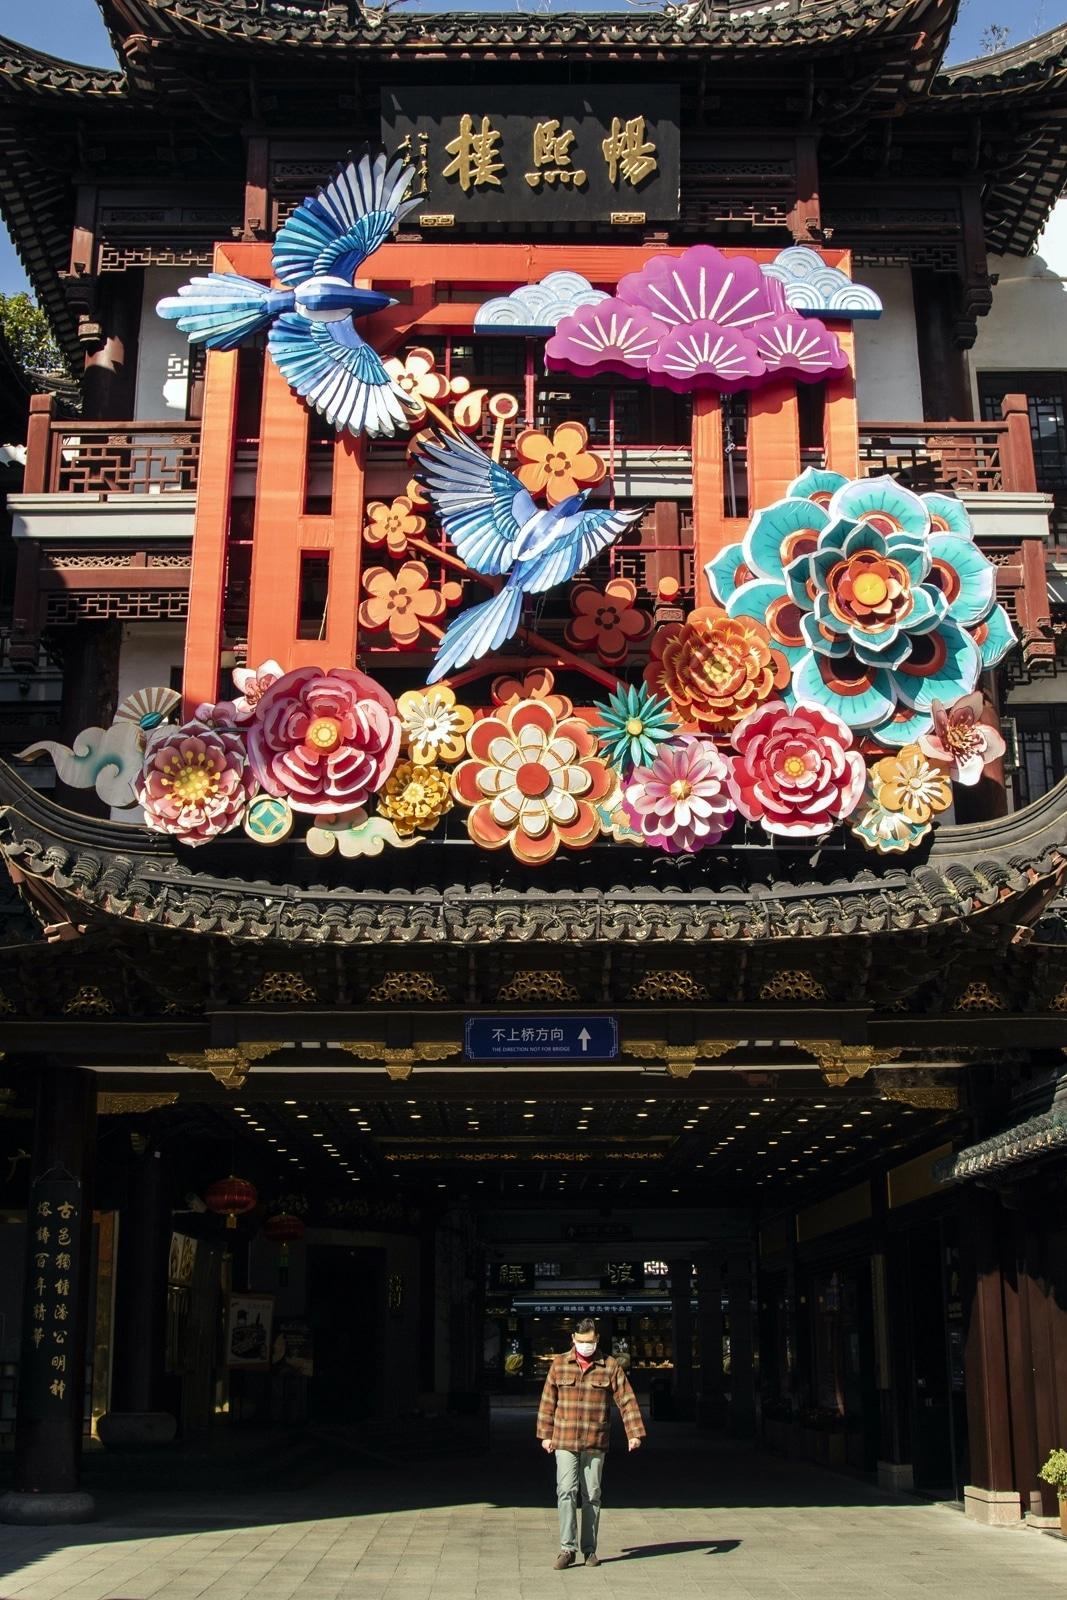 Thành phố Thượng Hải ' không bao giờ ngủ' bỗng thành 'thị trấn ma' giữa đại dịch virus corona Ảnh 2